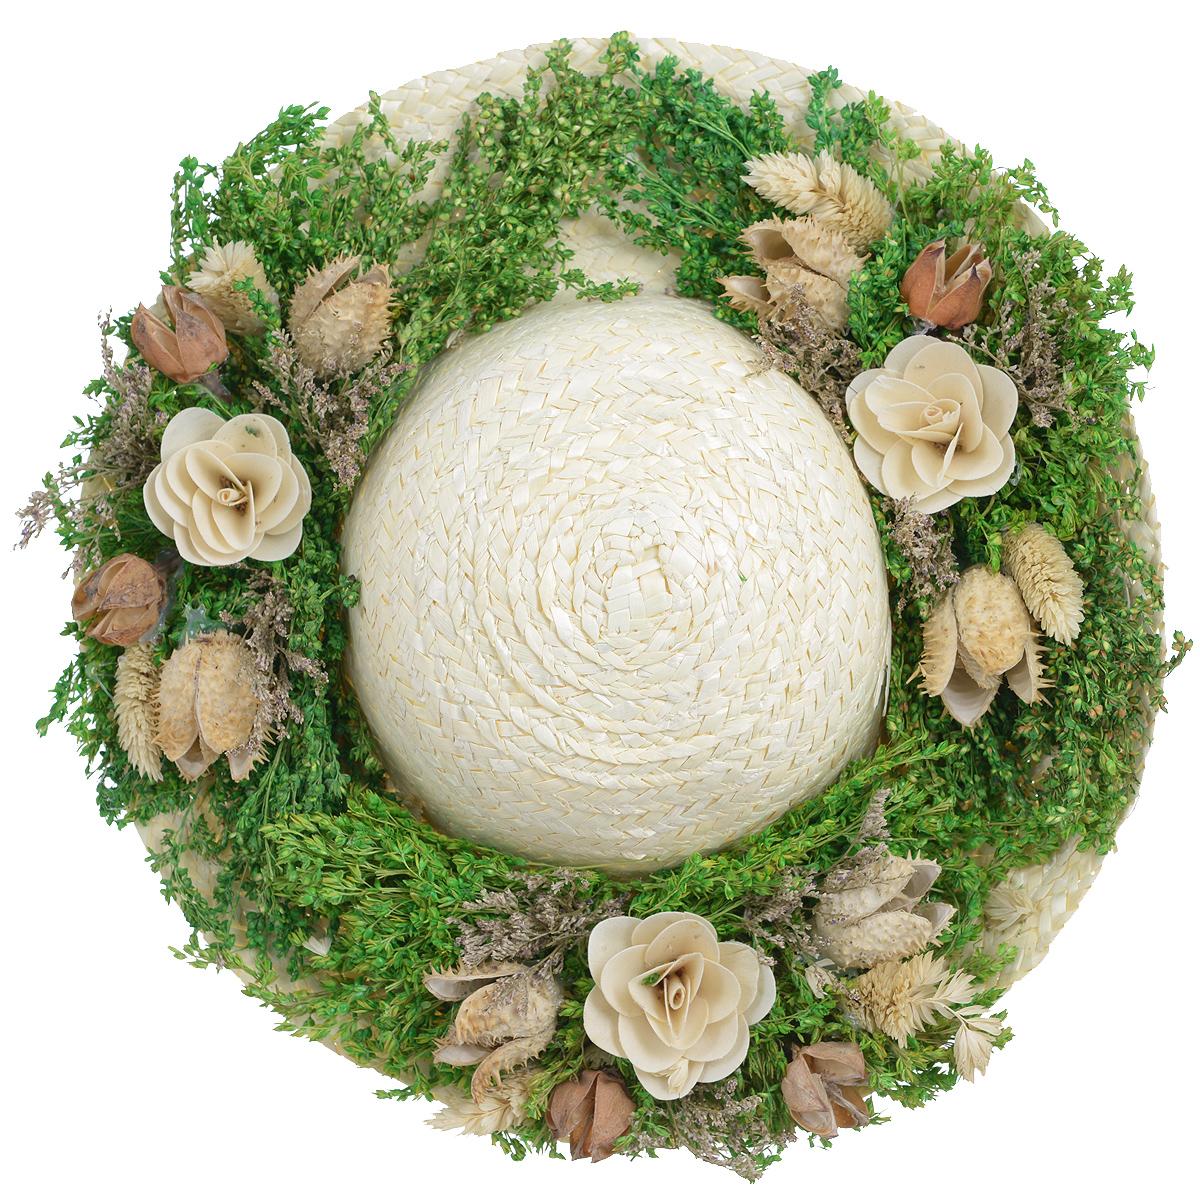 Декоративное настенное украшение Lillo Шляпа с цветами, цвет: светло-бежевый, зеленый, белыйAF 03127Декоративное подвесное украшение Lillo Шляпа с цветами выполнено из натуральной соломы и украшено сухоцветами. Такая шляпа станет изящным элементом декора в вашем доме. С задней стороны расположена петелька для подвешивания. Такое украшение не только подчеркнет ваш изысканный вкус, но и прекрасным подарком, который обязательно порадует получателя. Размер шляпы: 29 см х 29 см х 7,5 см.